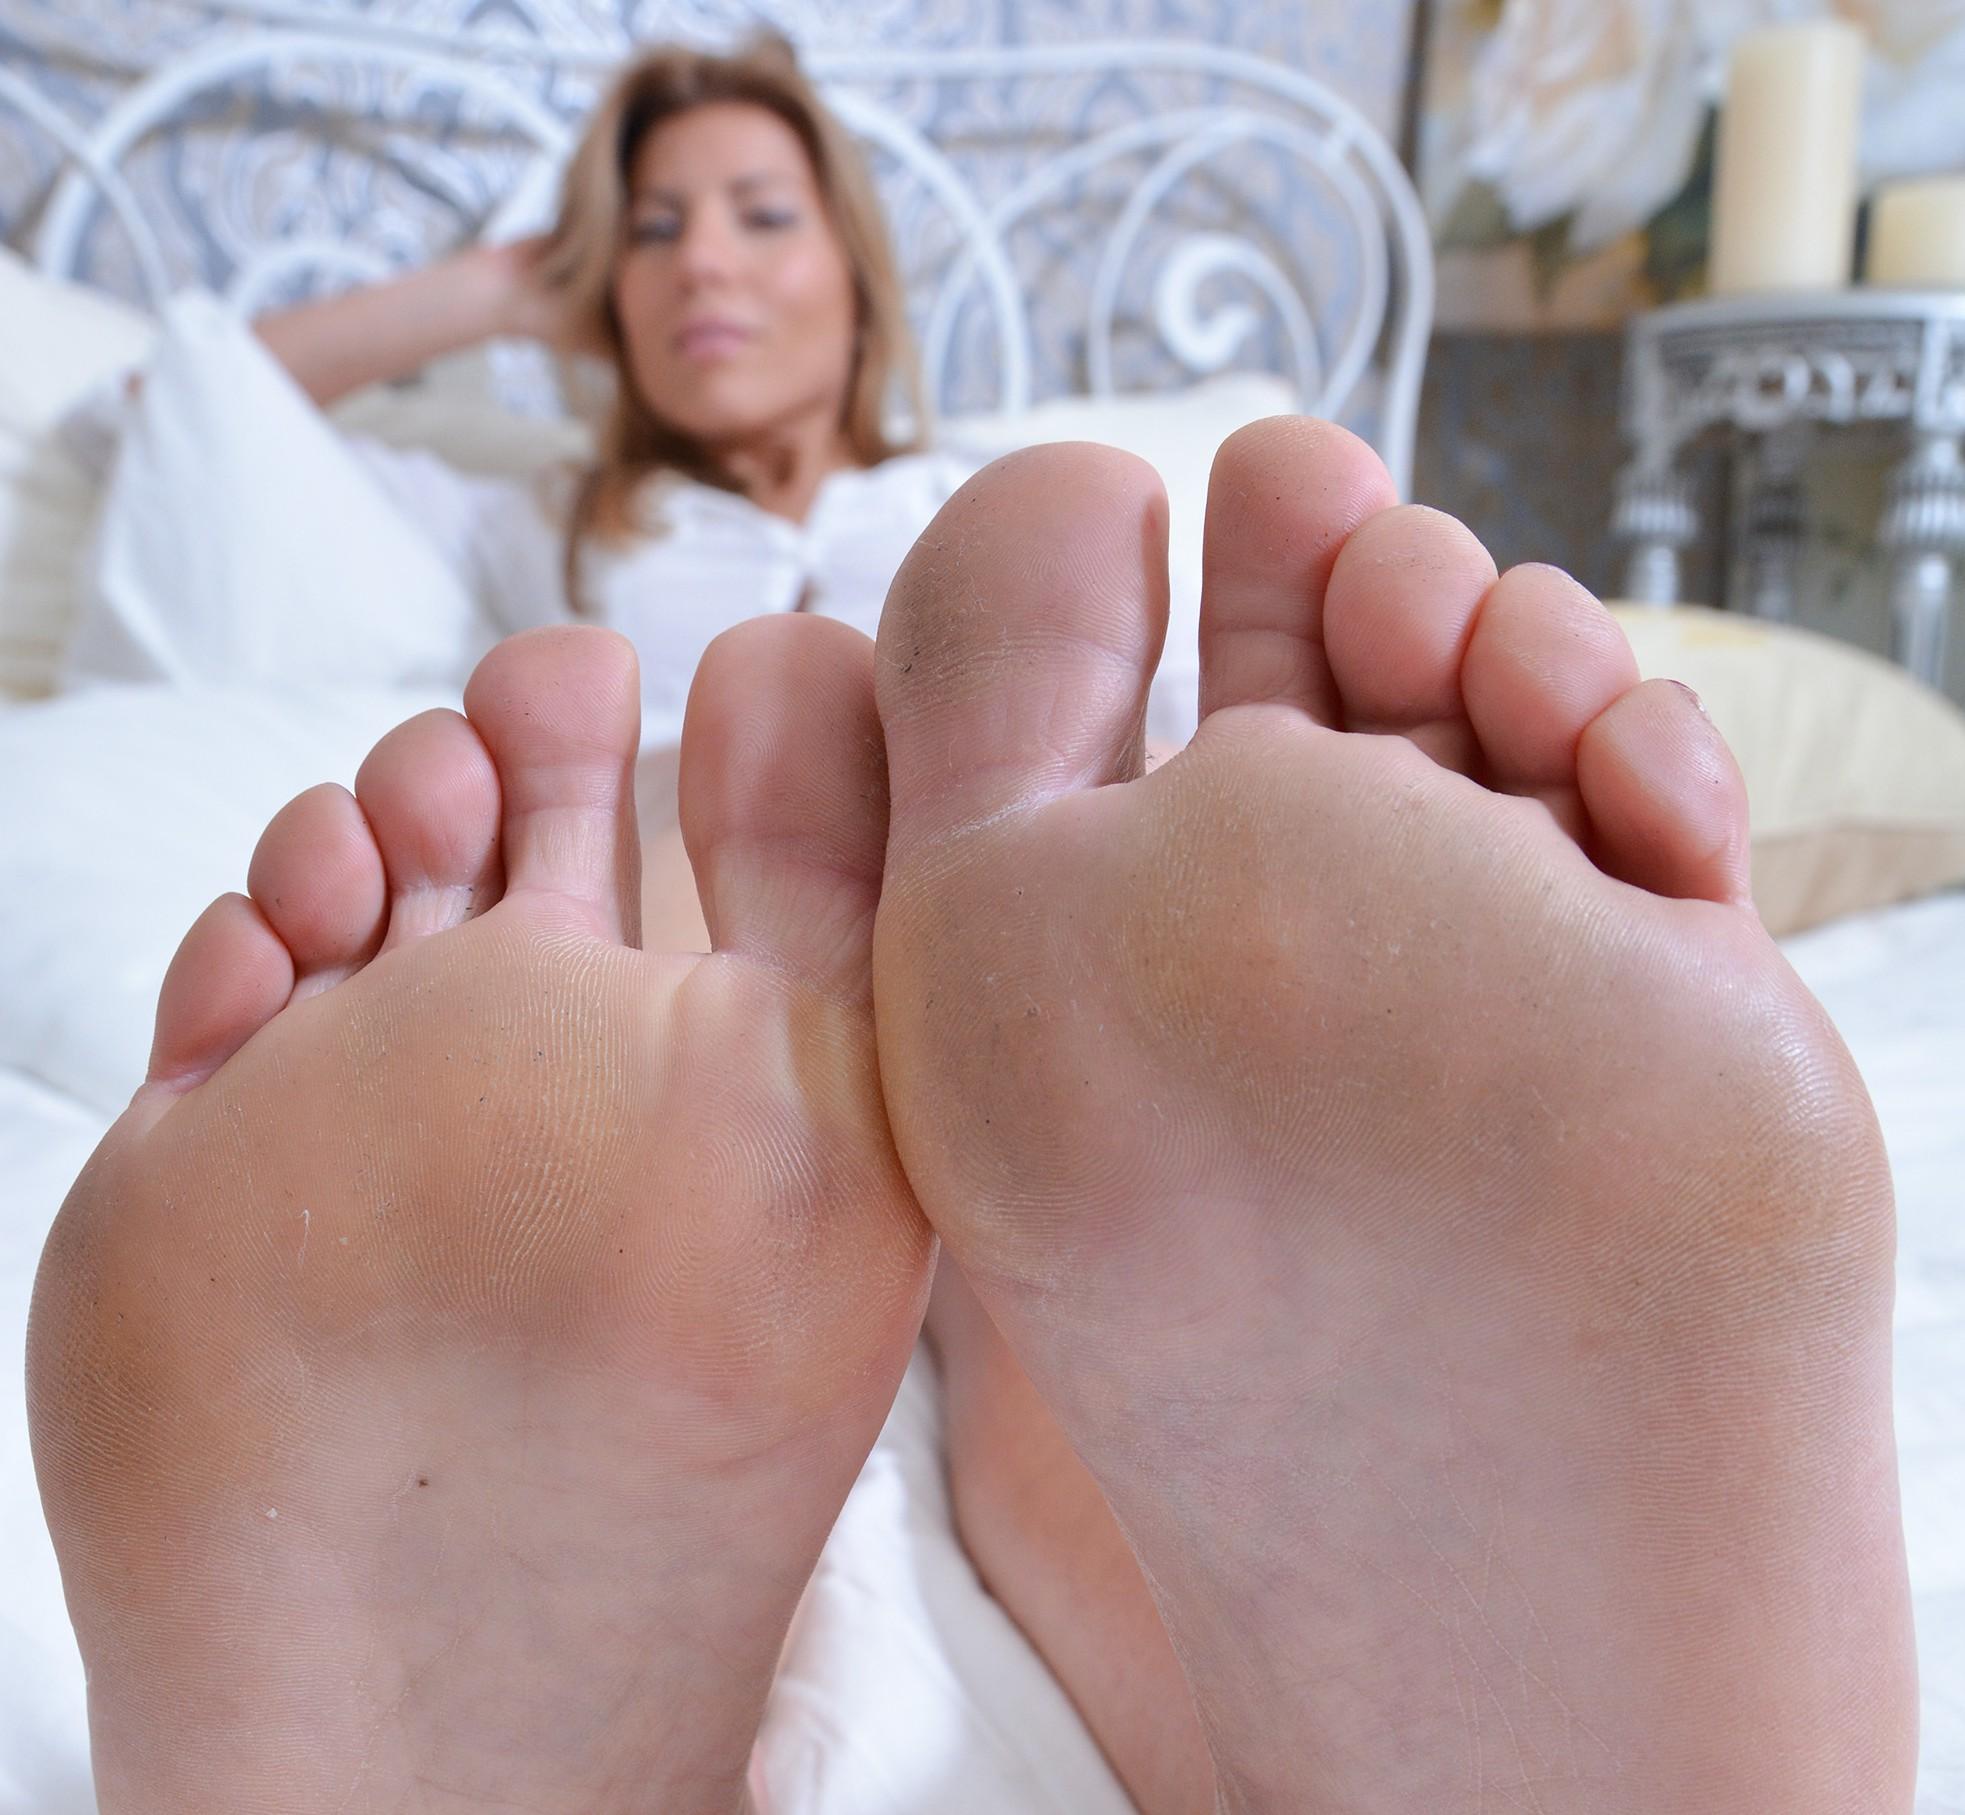 Jolie schöne Füße!